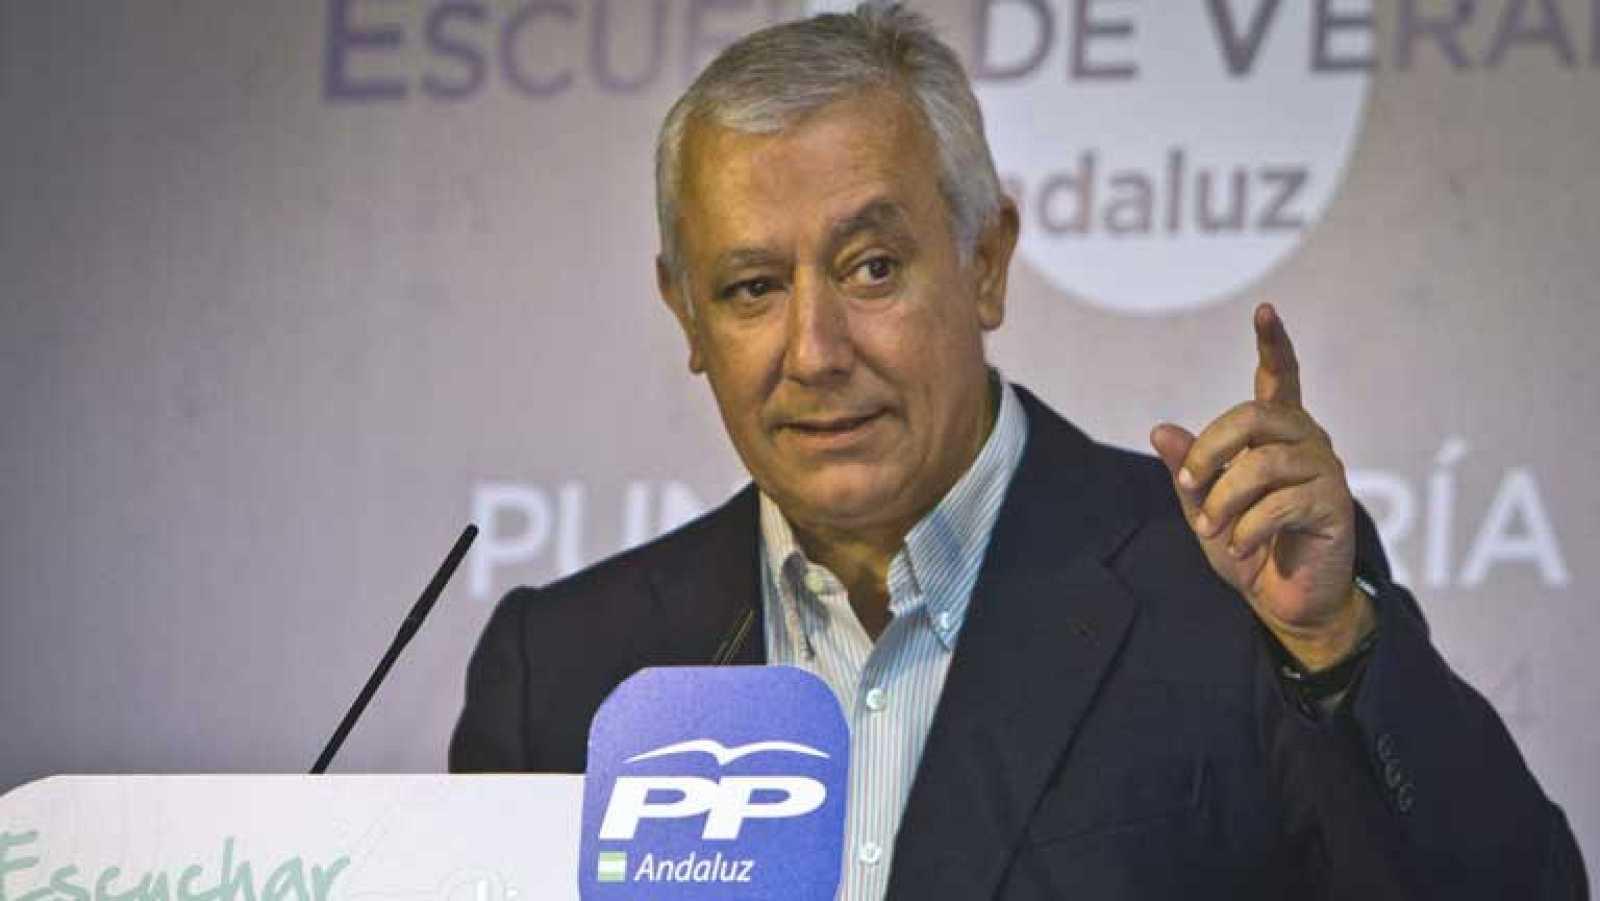 El PP destaca la importancia de los municipios en la creación de empleo y crecimiento económico